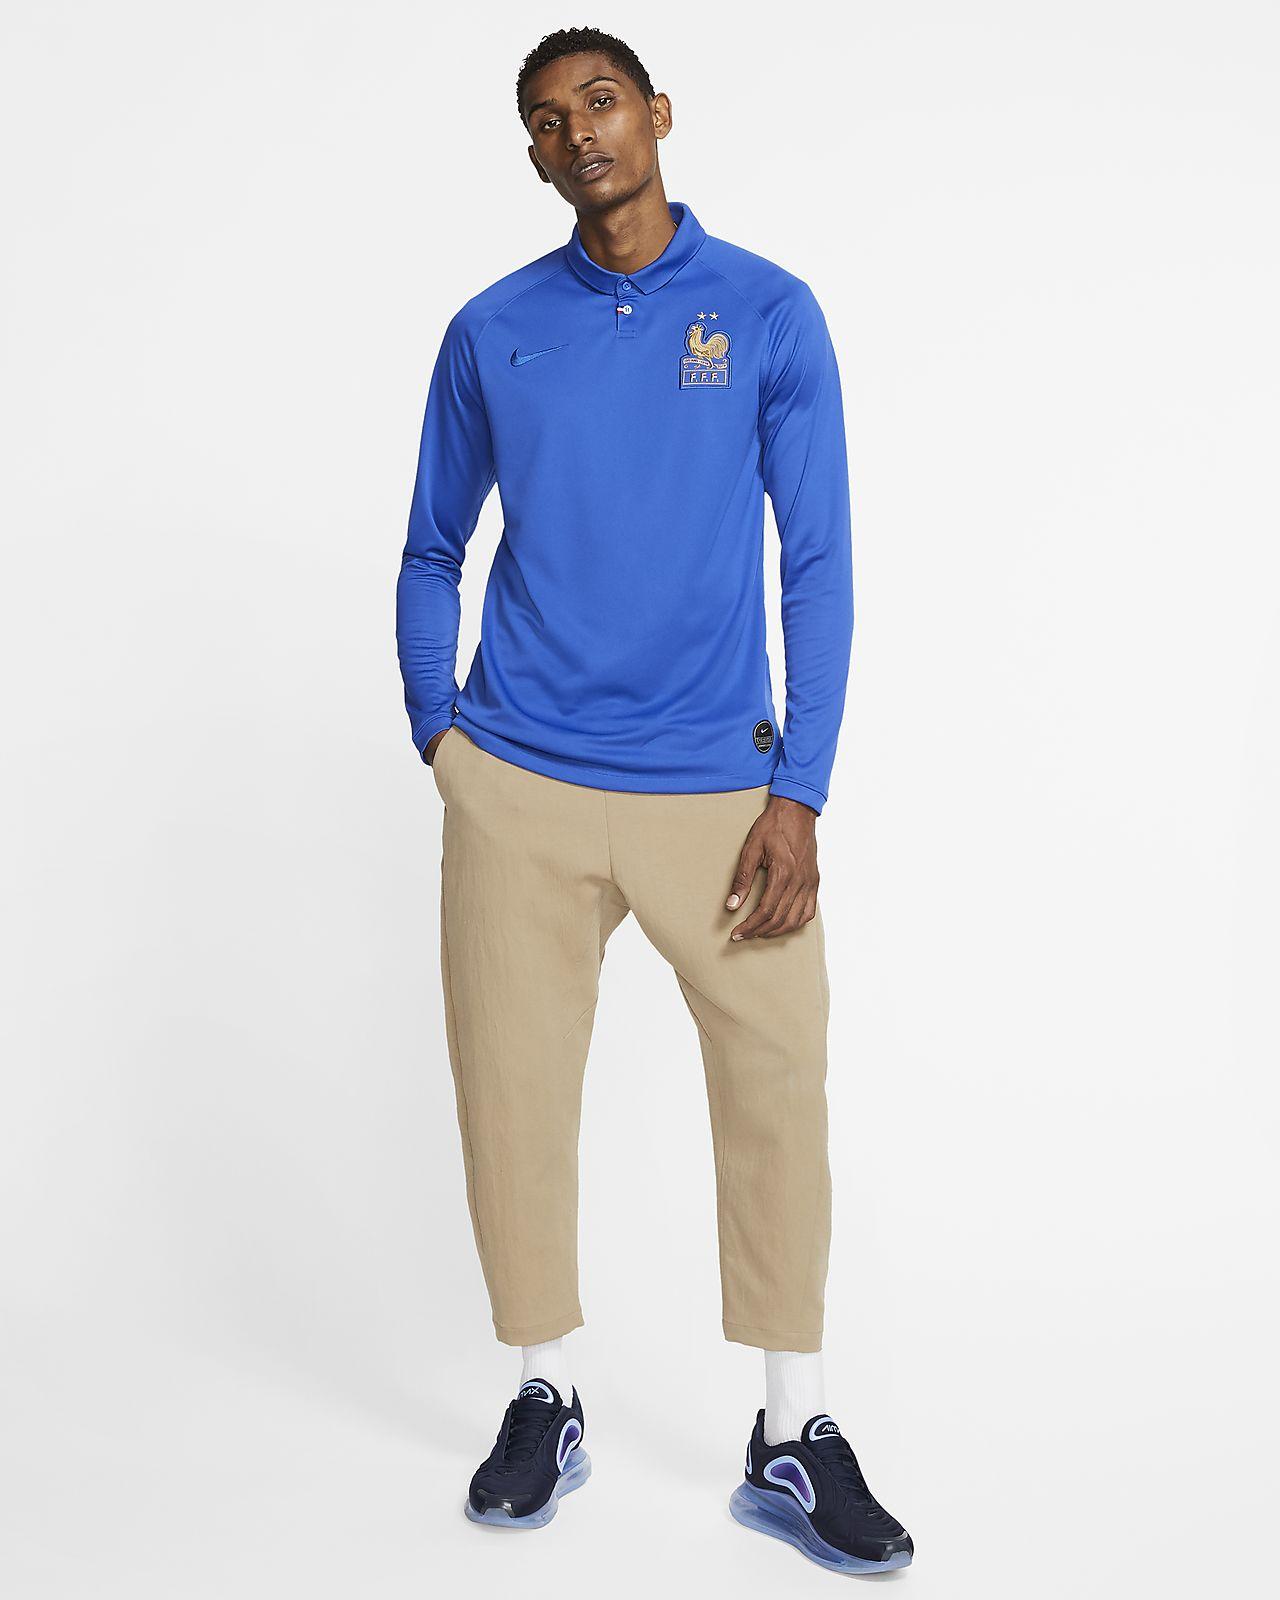 933395f5 FFF Stadium Centennial Men's Long-Sleeve Shirt. Nike.com LU